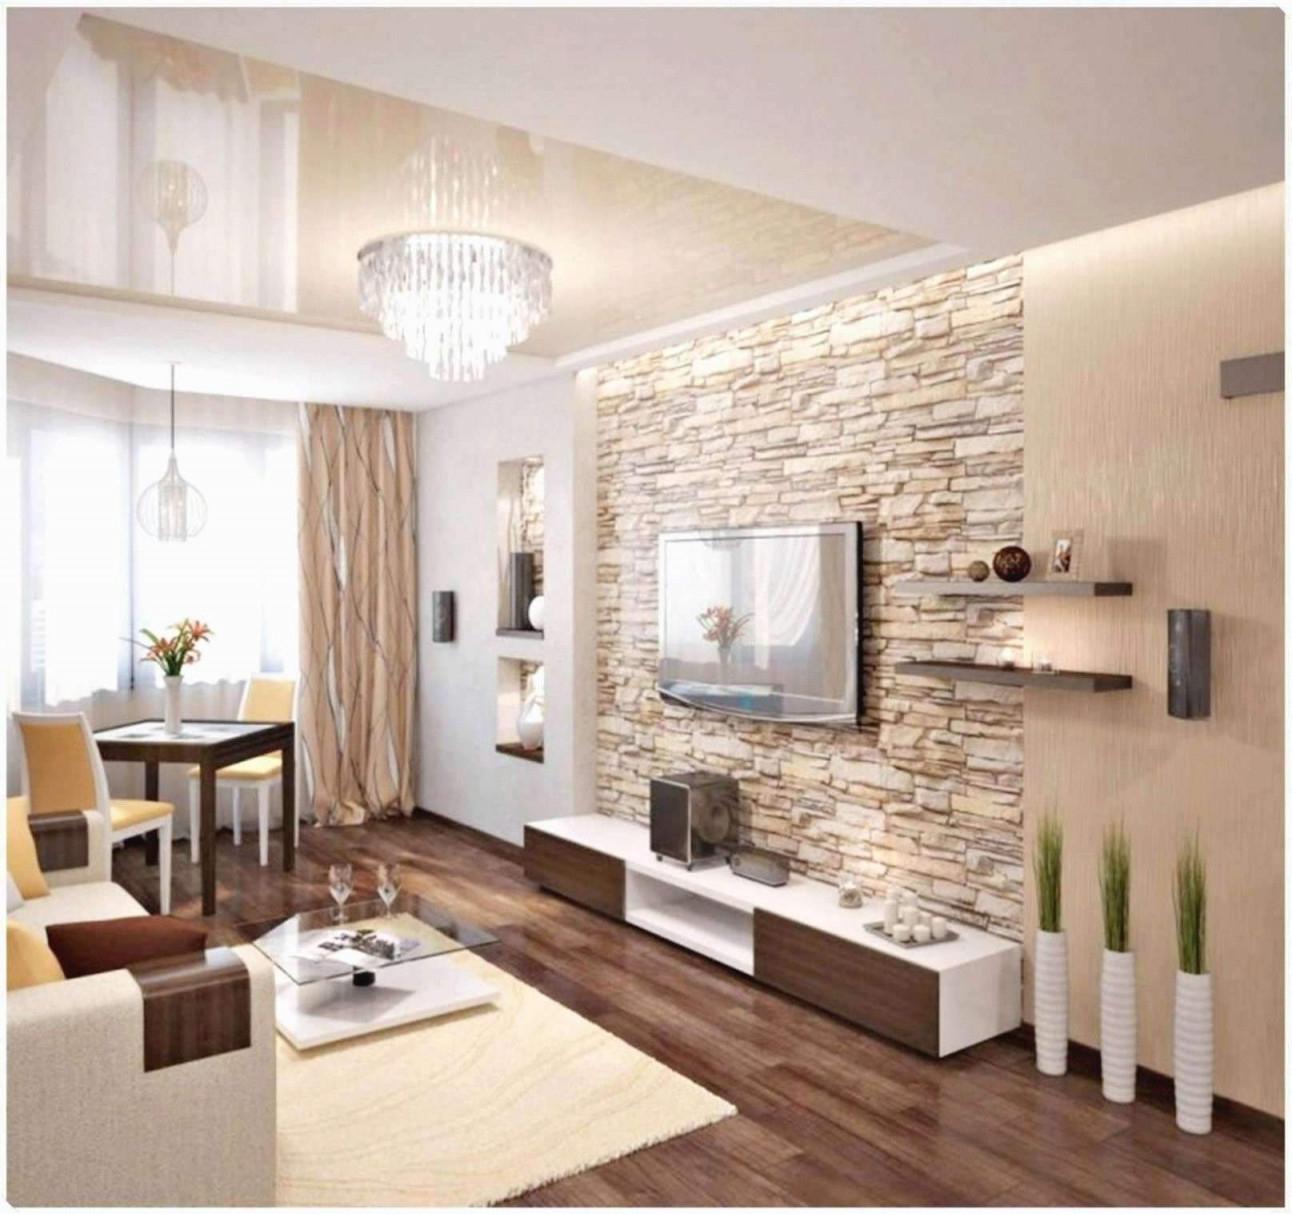 29 Luxus Wohnzimmer Einrichten Ideen Genial  Wohnzimmer Frisch von Luxus Wohnzimmer Ideen Photo